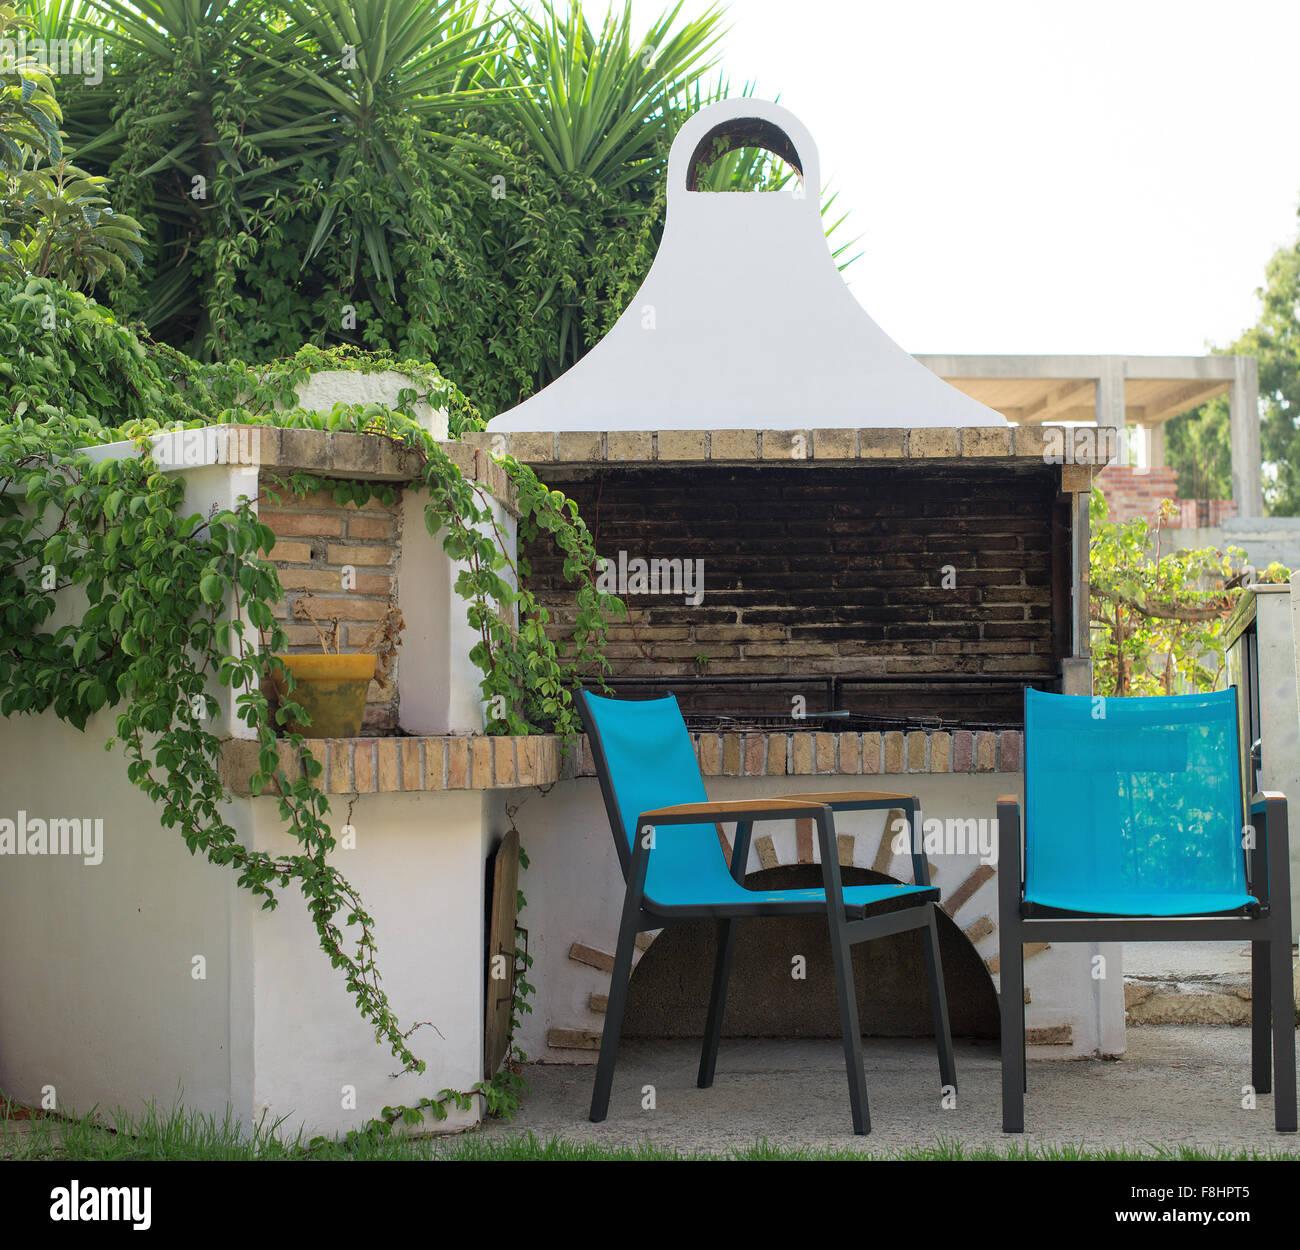 Feuerstelle Mit Stuhlen Auf Dem Hinterhof Stockfotografie Alamy